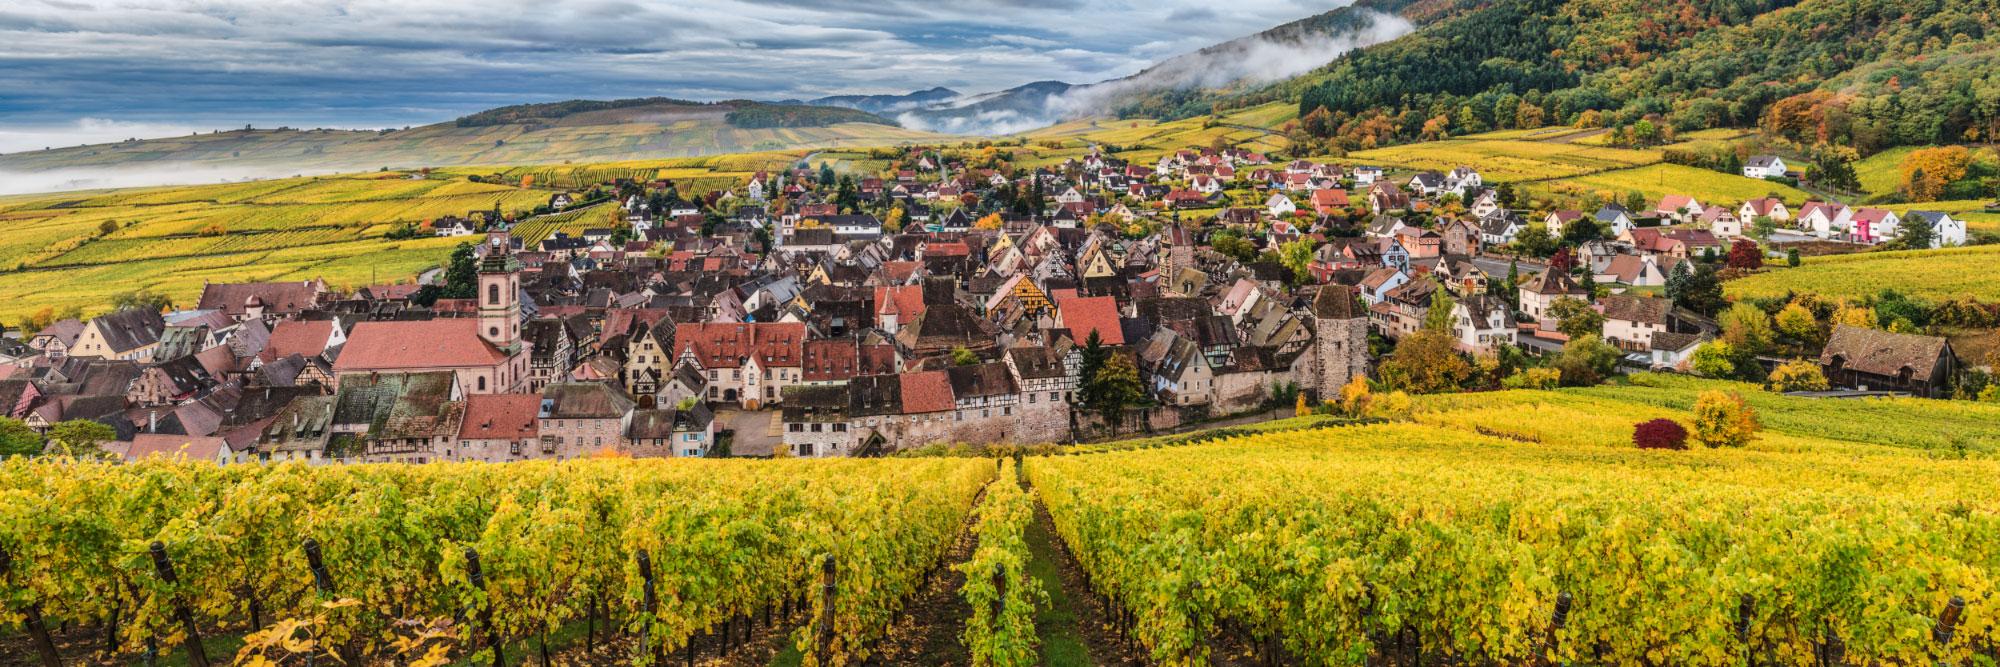 Cité médiévale de Riquewihr, Alsace